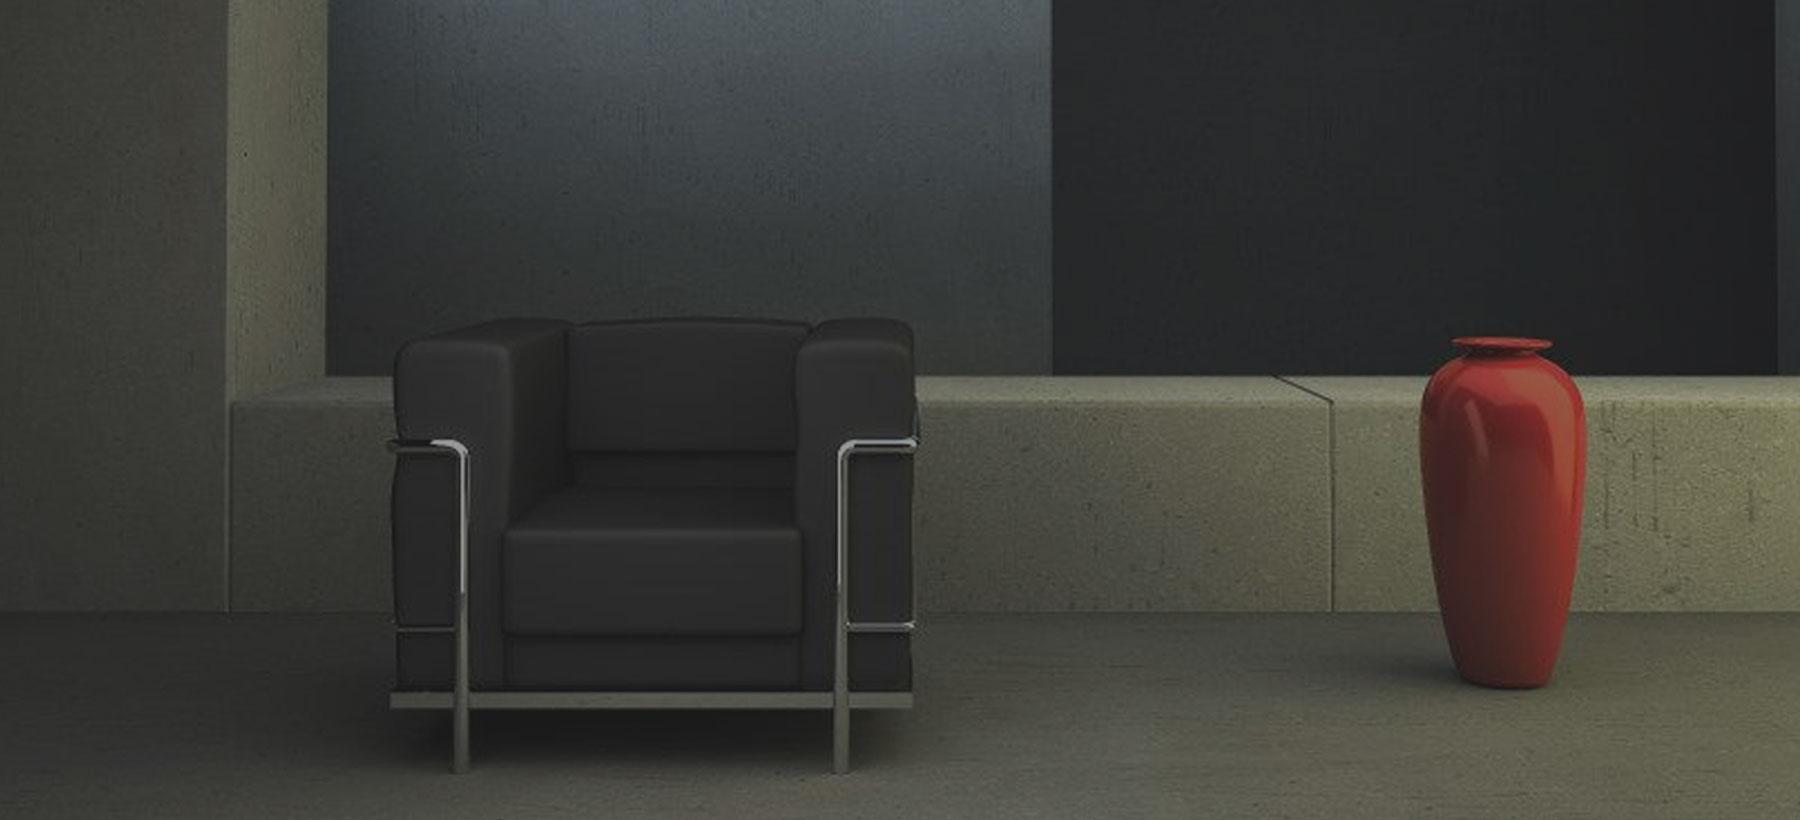 I I Lc Grand Confort Beruhmte Mobel Von Le Corbusier